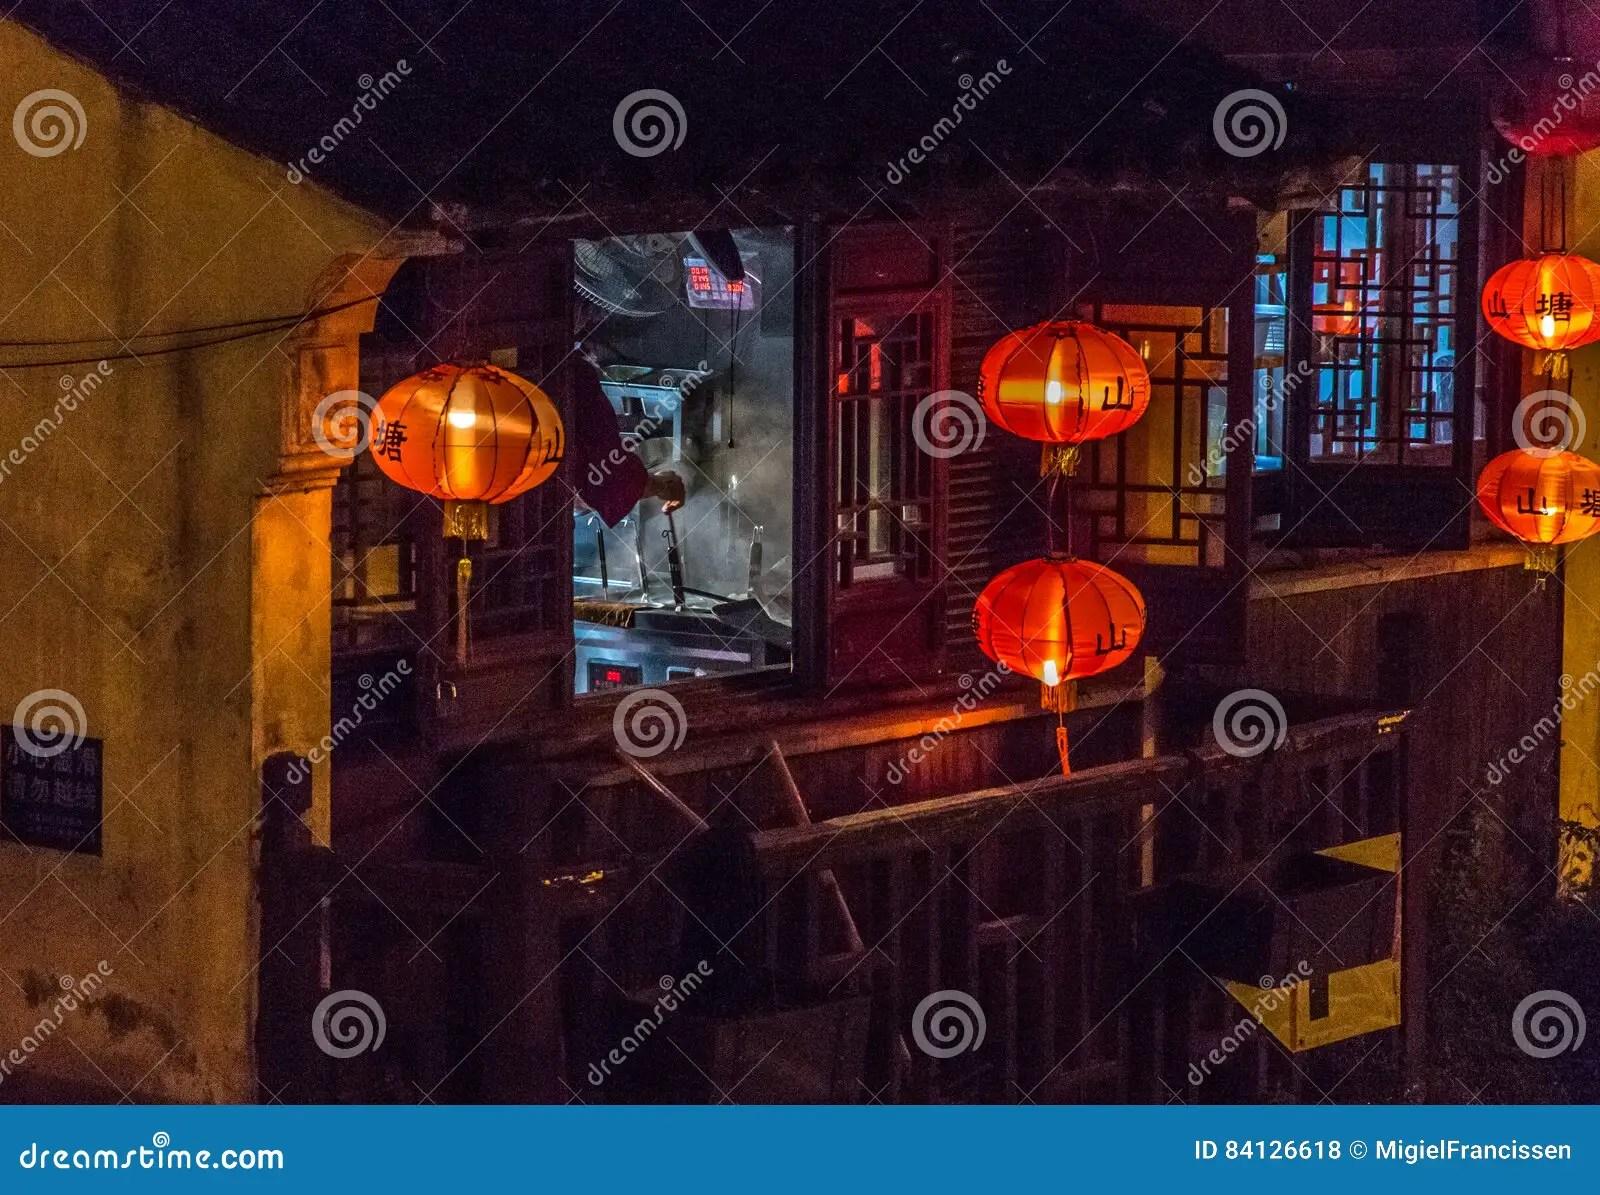 kitchen lanterns cabinet corner shelf 在灯笼之间的中国厨房库存照片 图片包括有汉语 布哈拉 红色 厨房 在灯笼之间的中国厨房